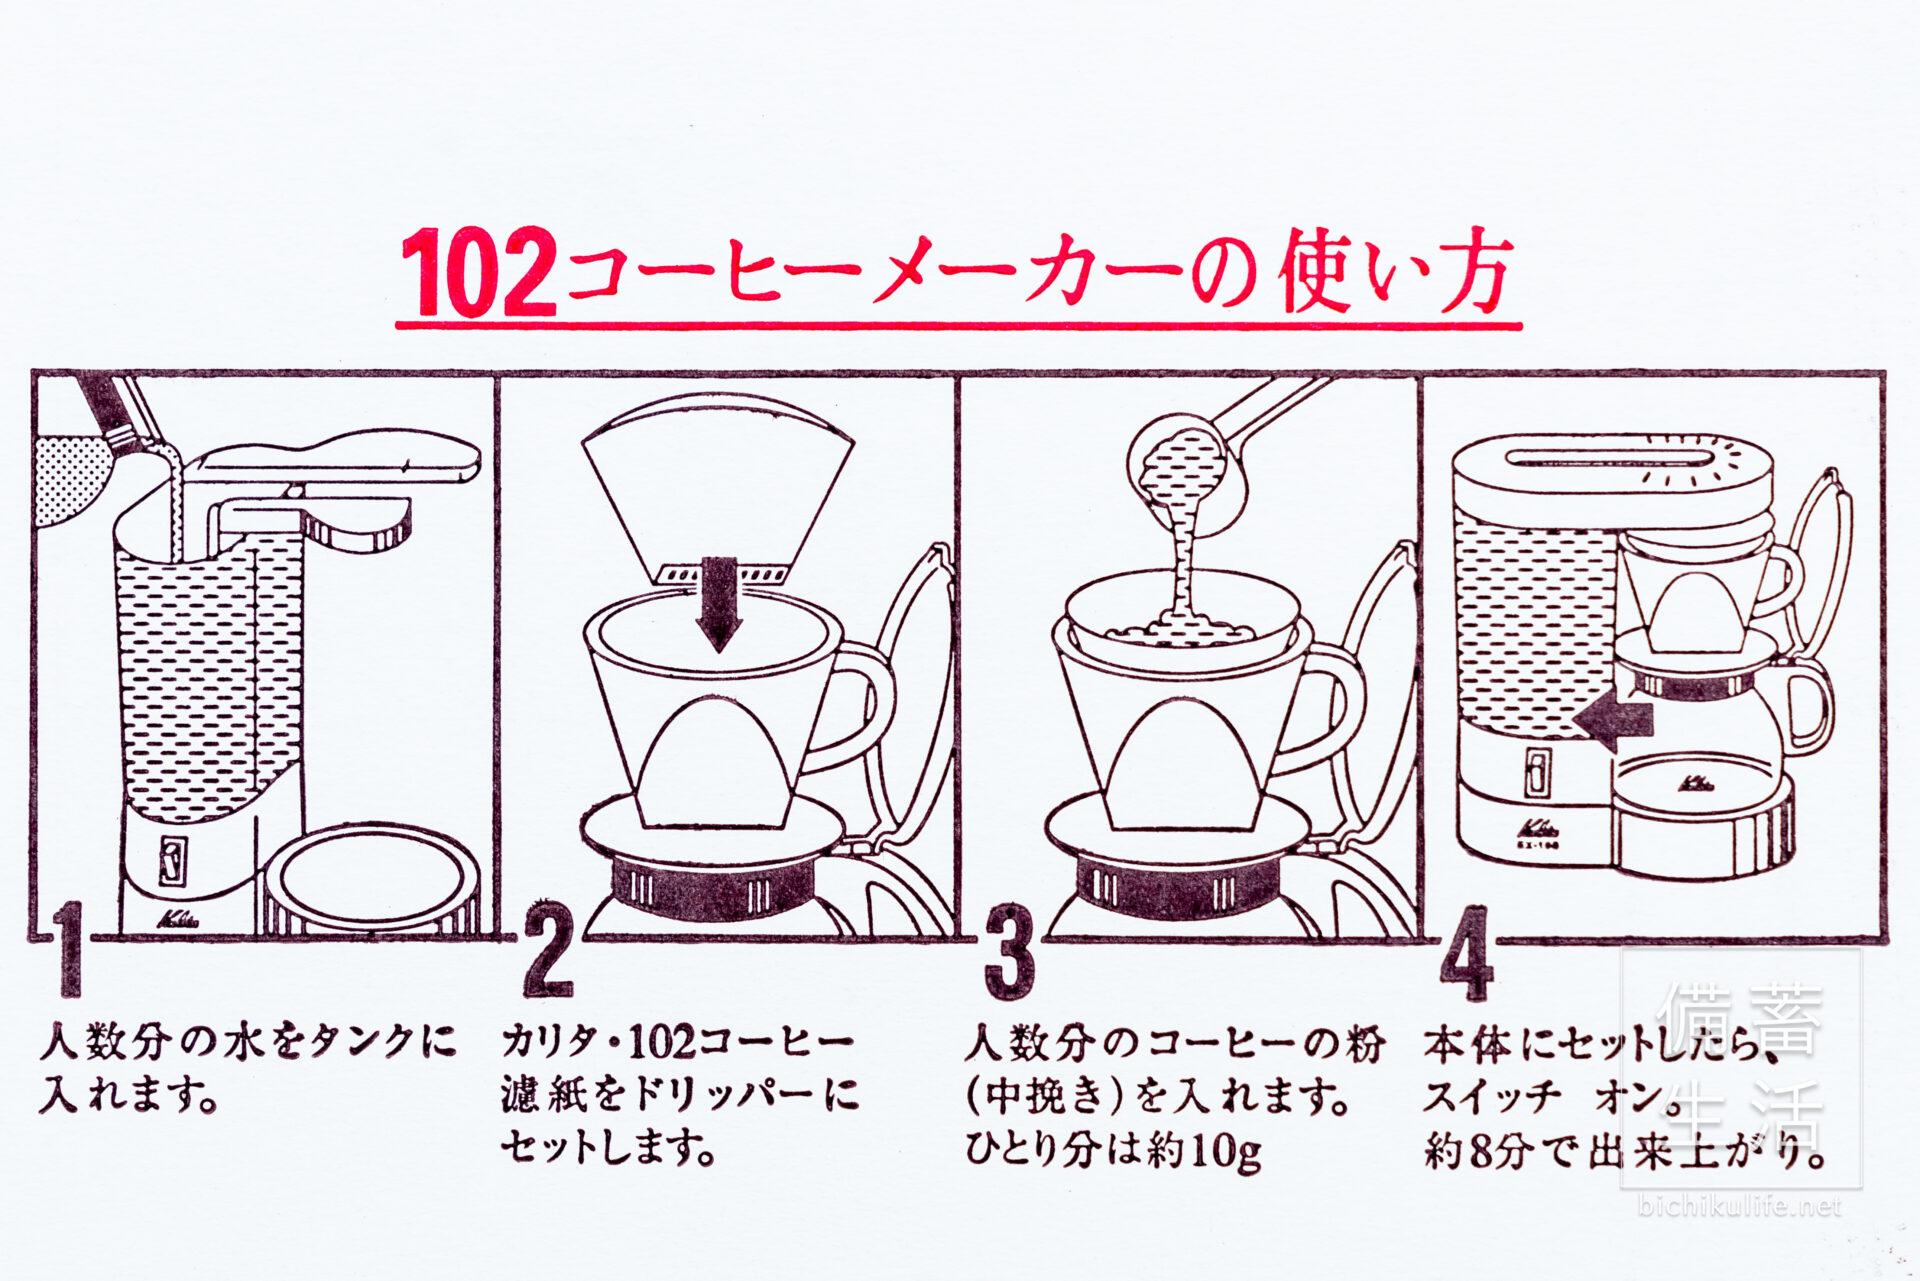 Kalita(カリタ)のコーヒーマシン EX-102N 102コーヒーメーカーの使い方